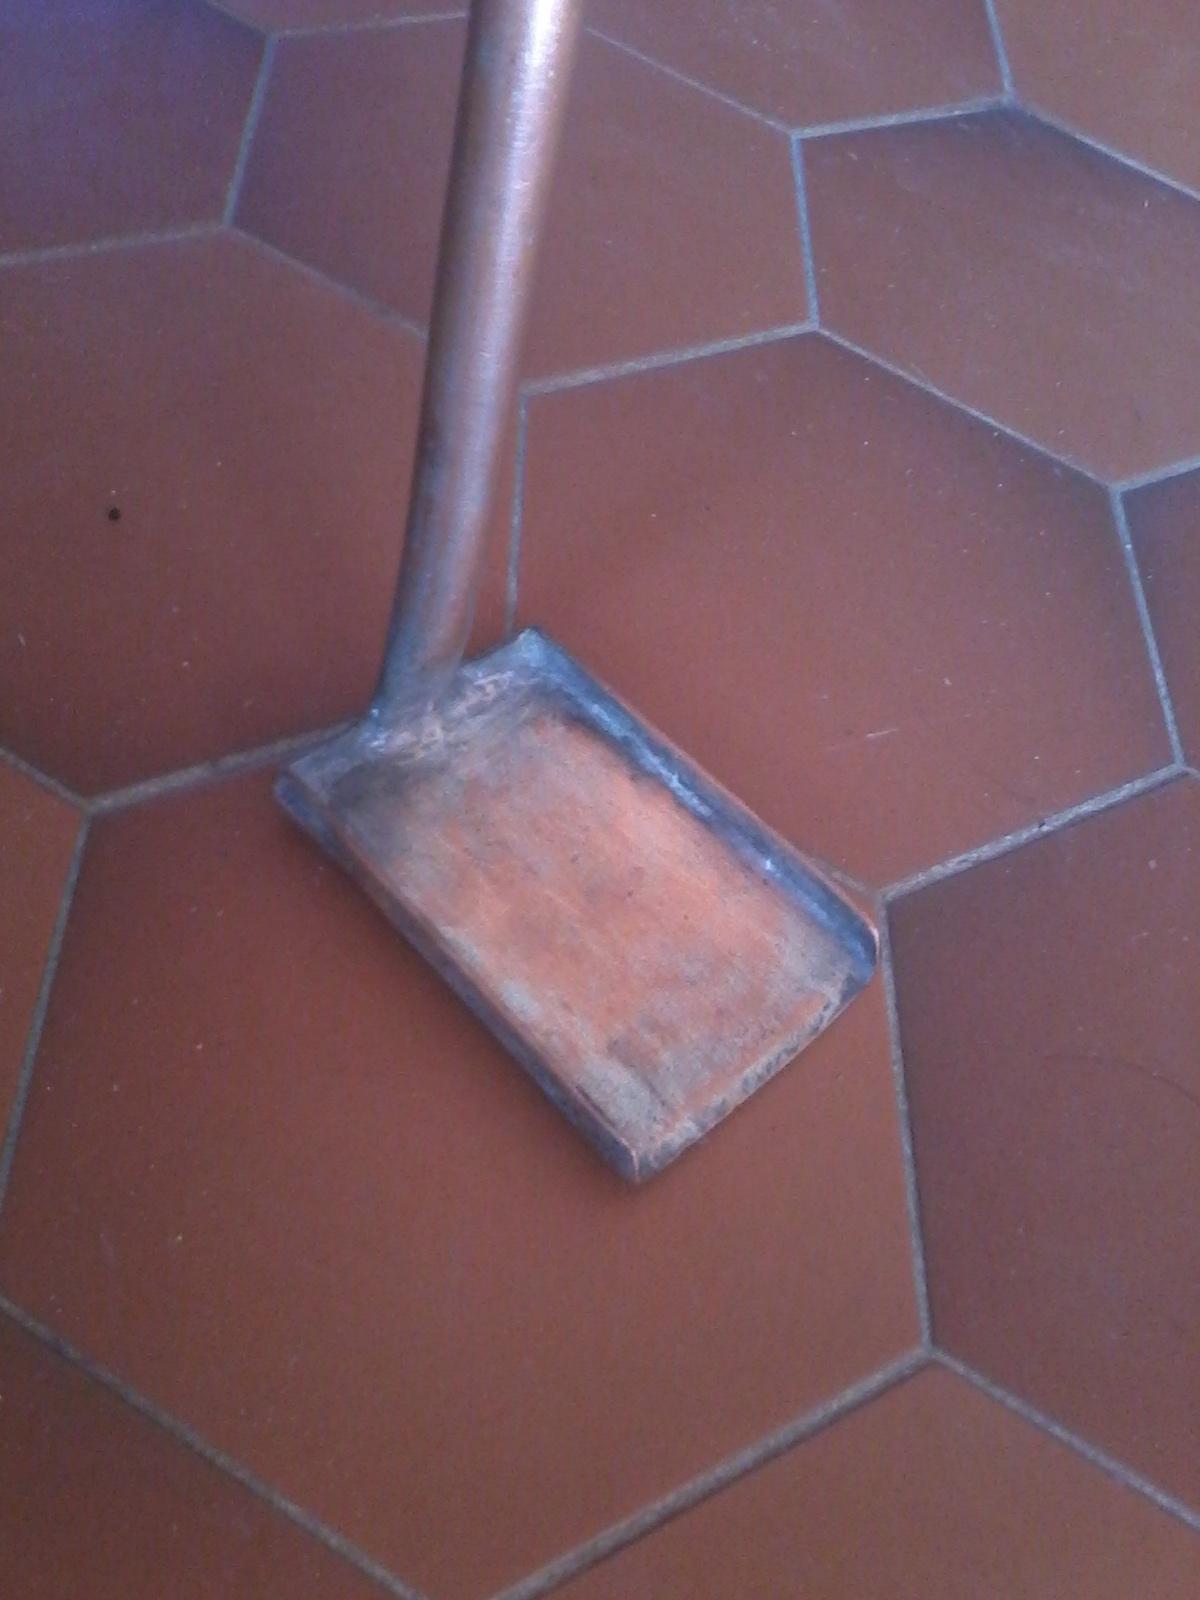 http://image.poubelles.be/uuo8u5uu_ou44u8.jpg